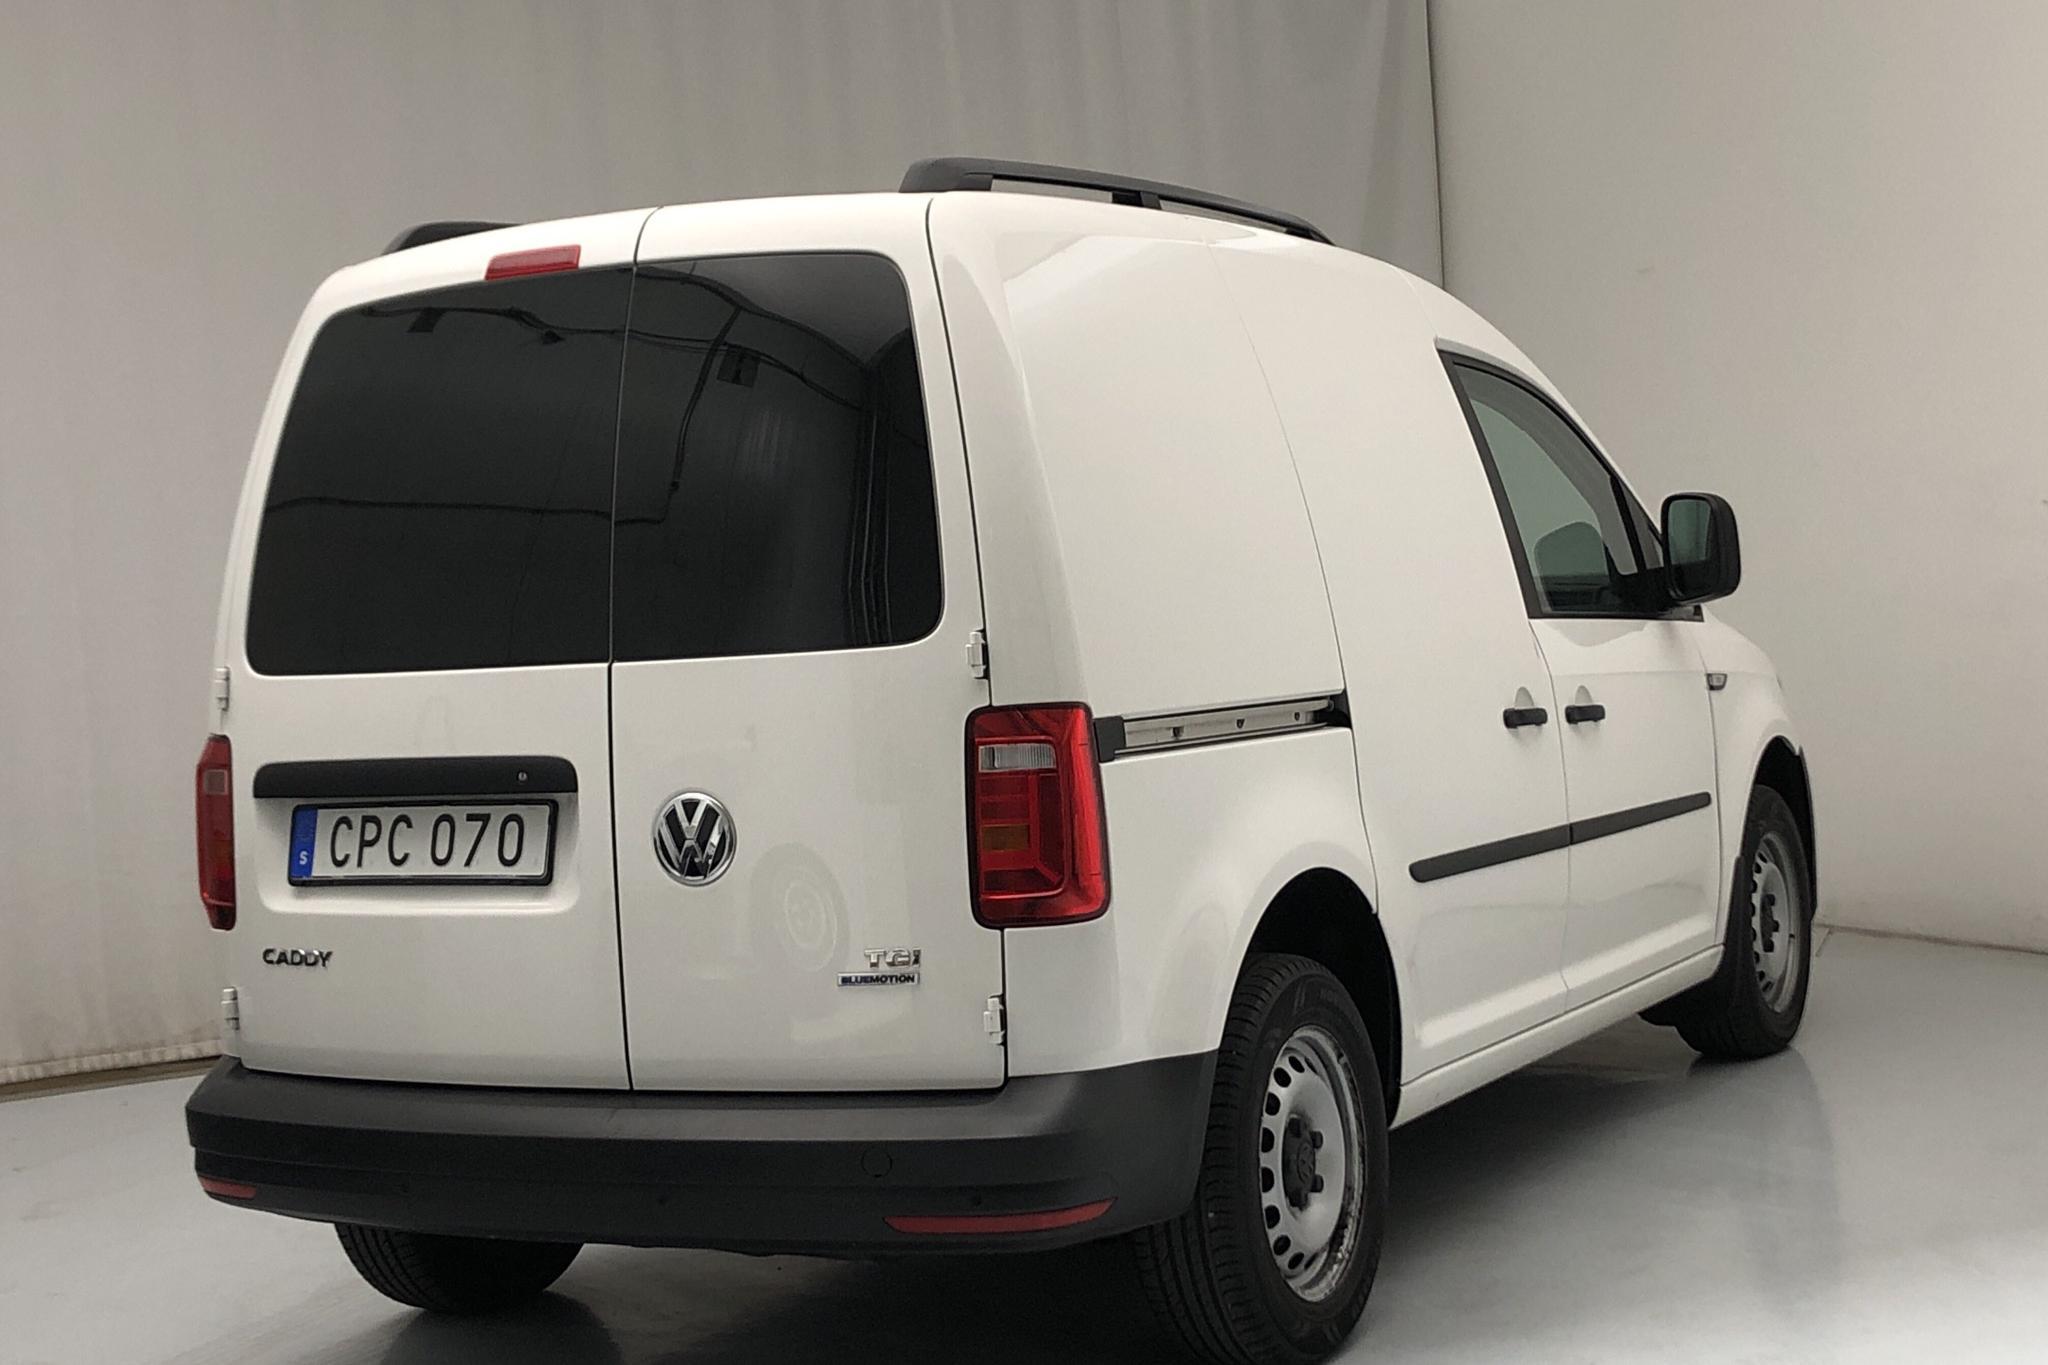 VW Caddy 1.4 TGI Skåp (110hk) - 14 436 mil - Automat - vit - 2018